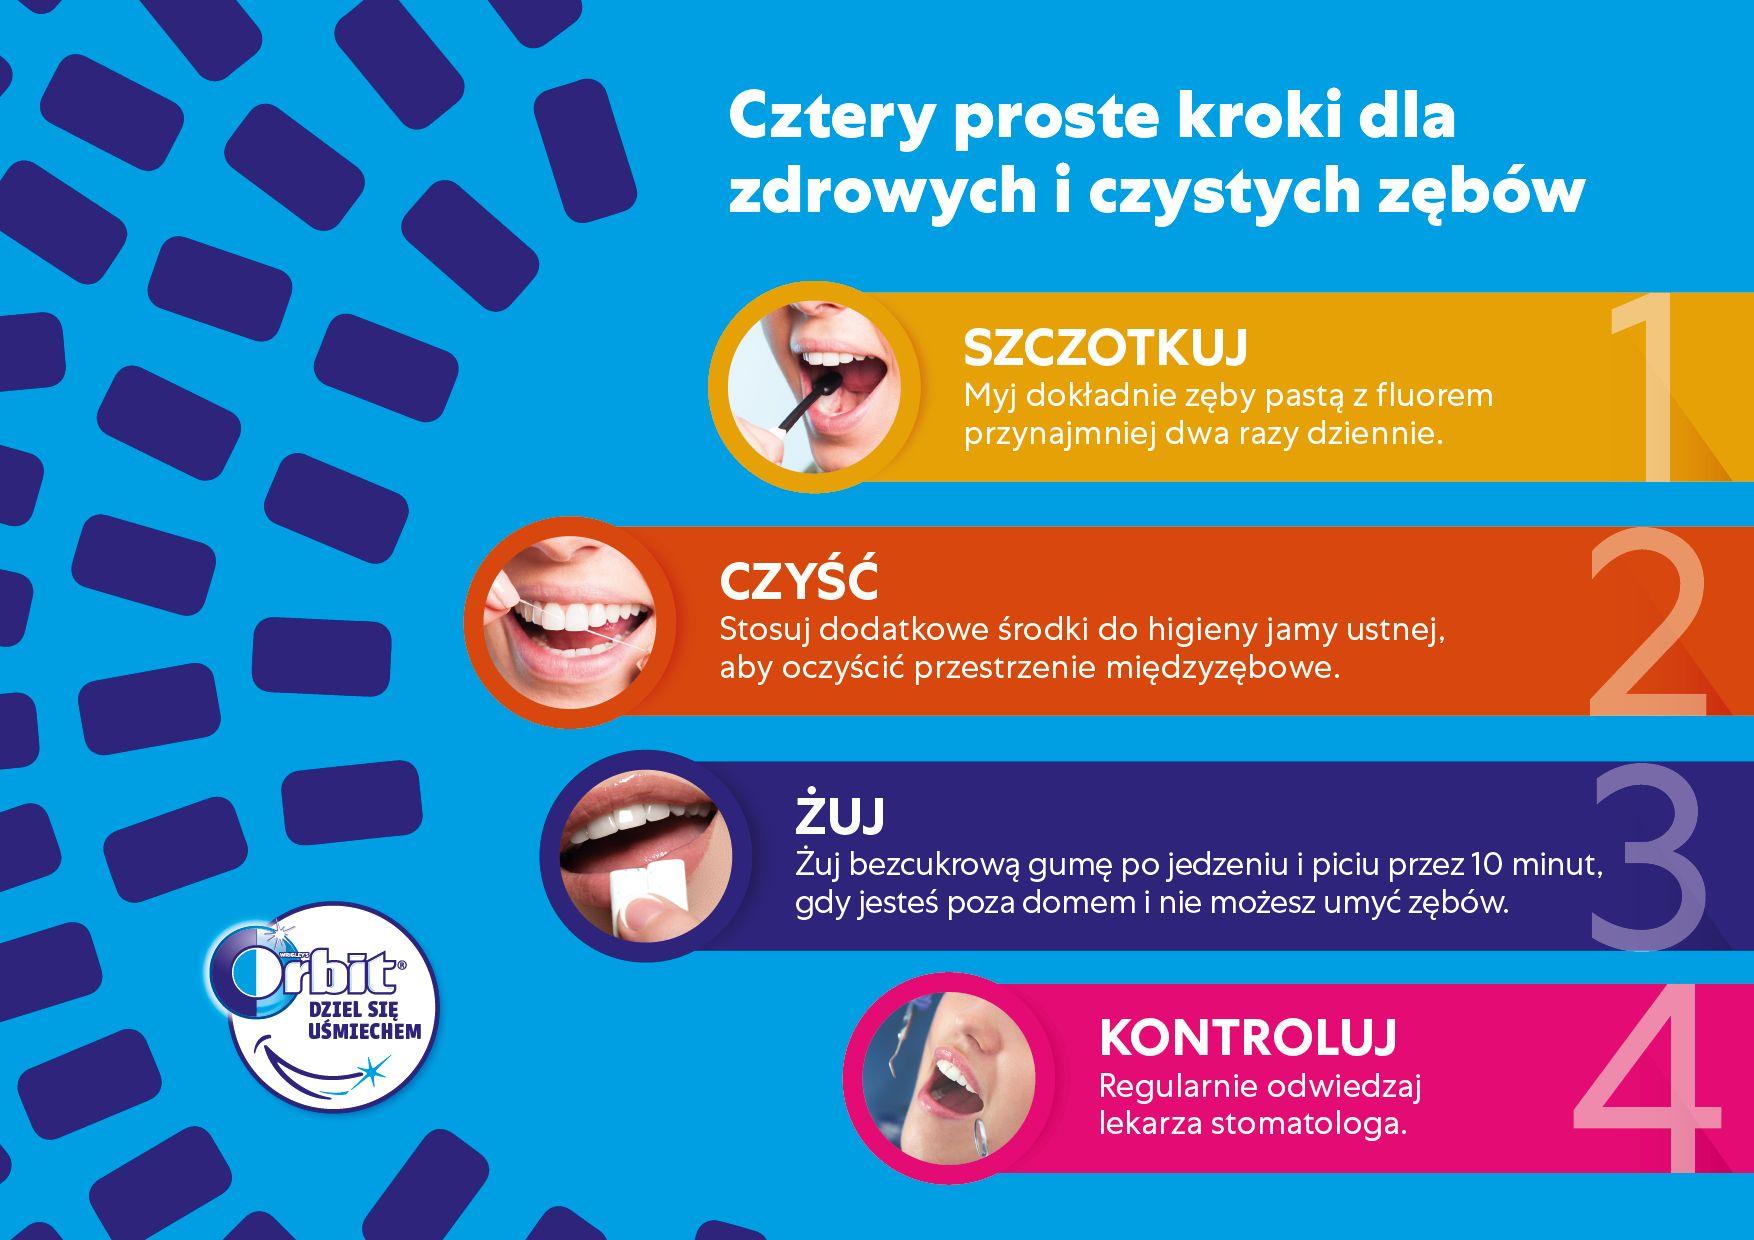 100 000 dzieci w Polsce pozna zasady prawidłowej higieny jamy ustnej